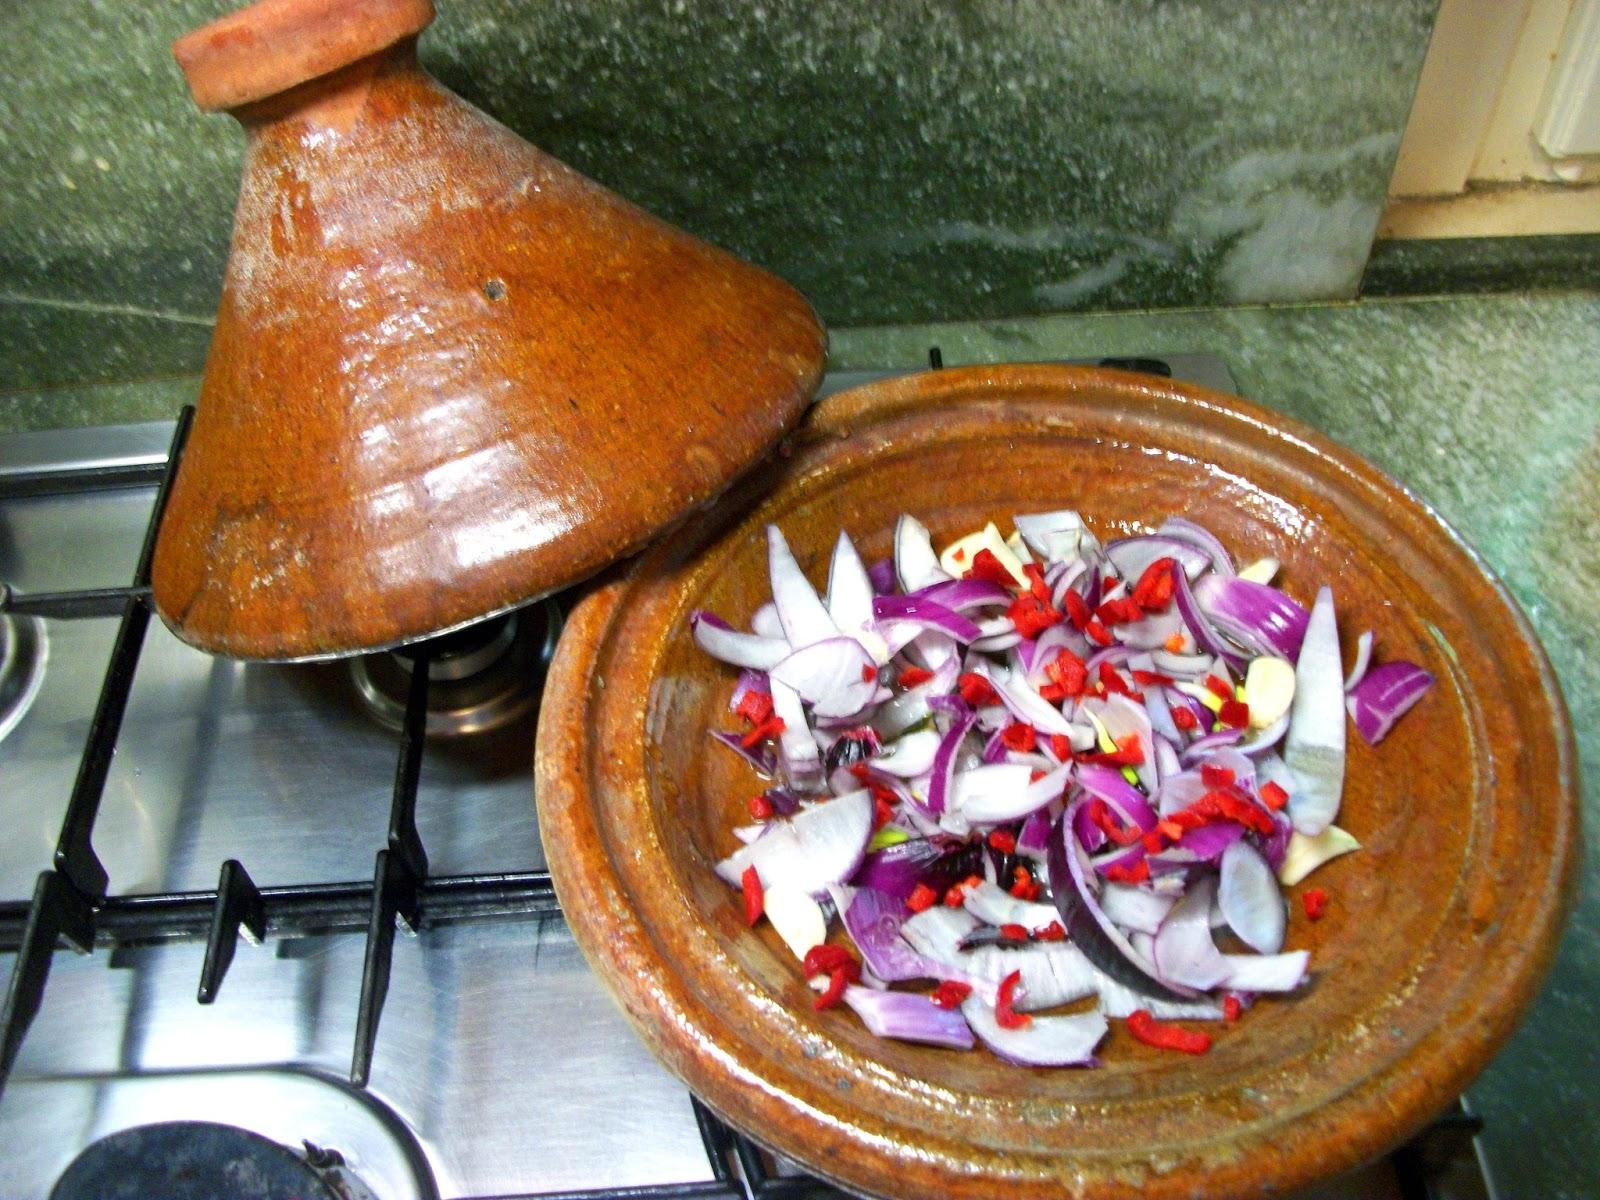 lasciate cuocere per 20 minuti poi unite il sugo di pomodoro o la passata e il pizzico di zucchero passati altri 20 minuti aggiungete i fagioli scolati